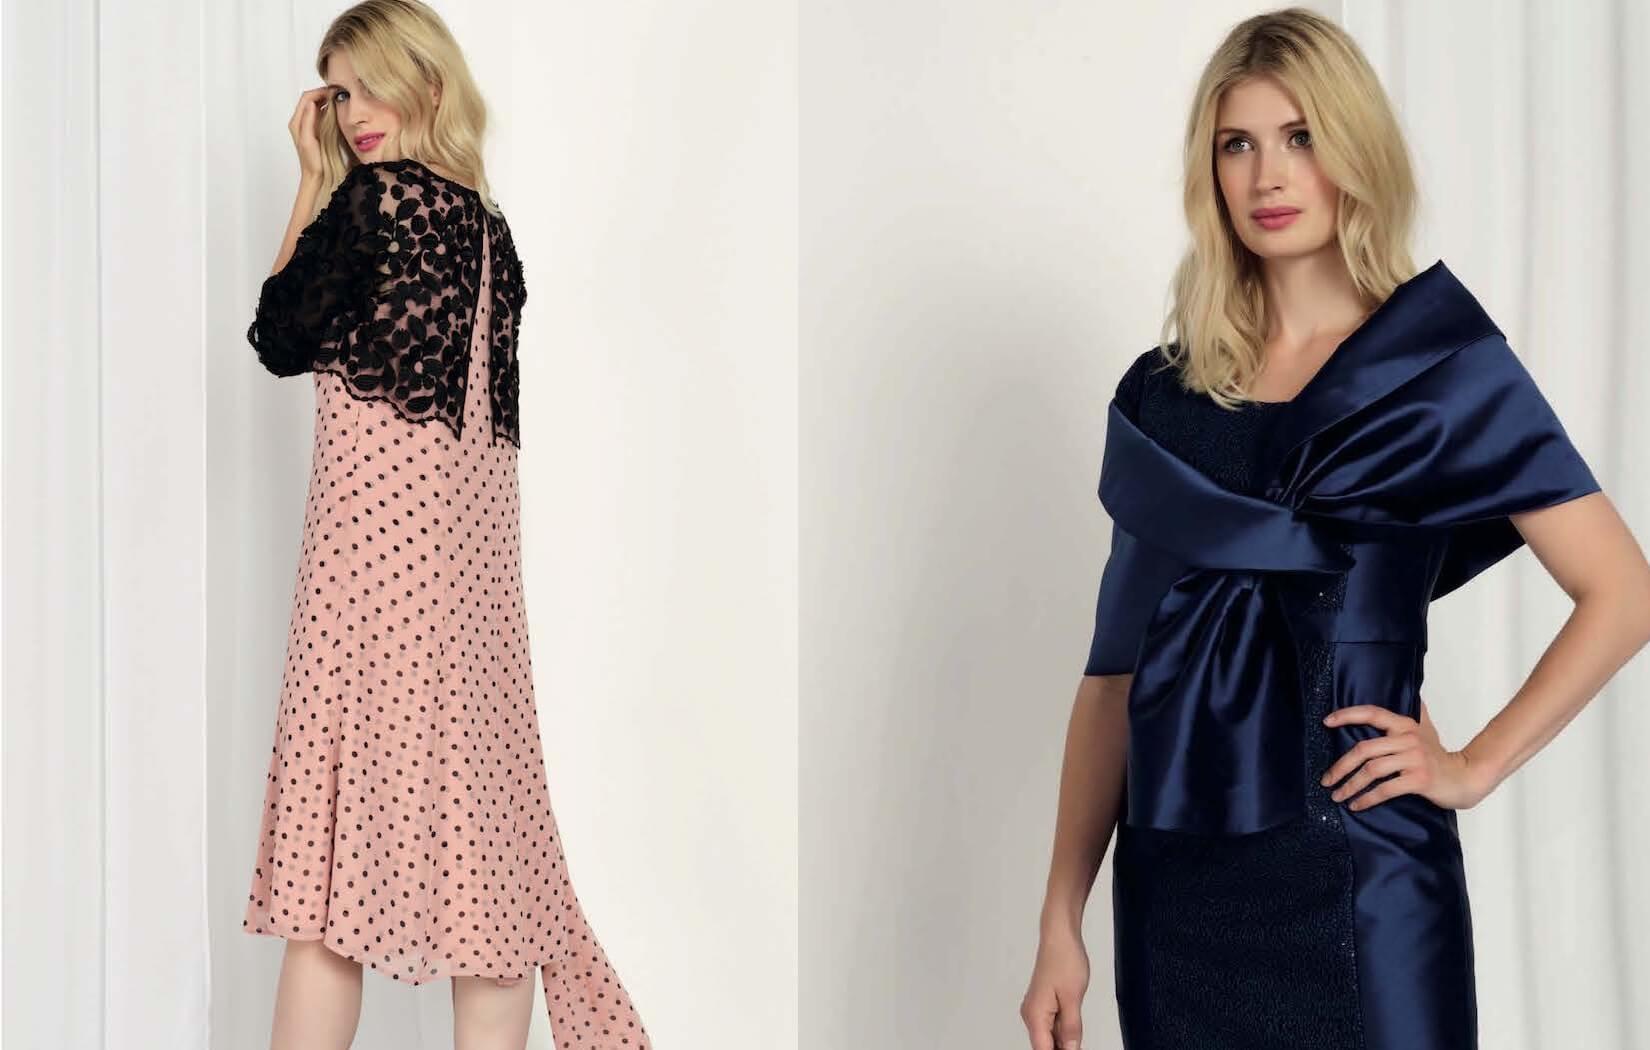 013d691ea6abb Collezione abiti da cerimonia elena miro – Modelli alla moda di ...